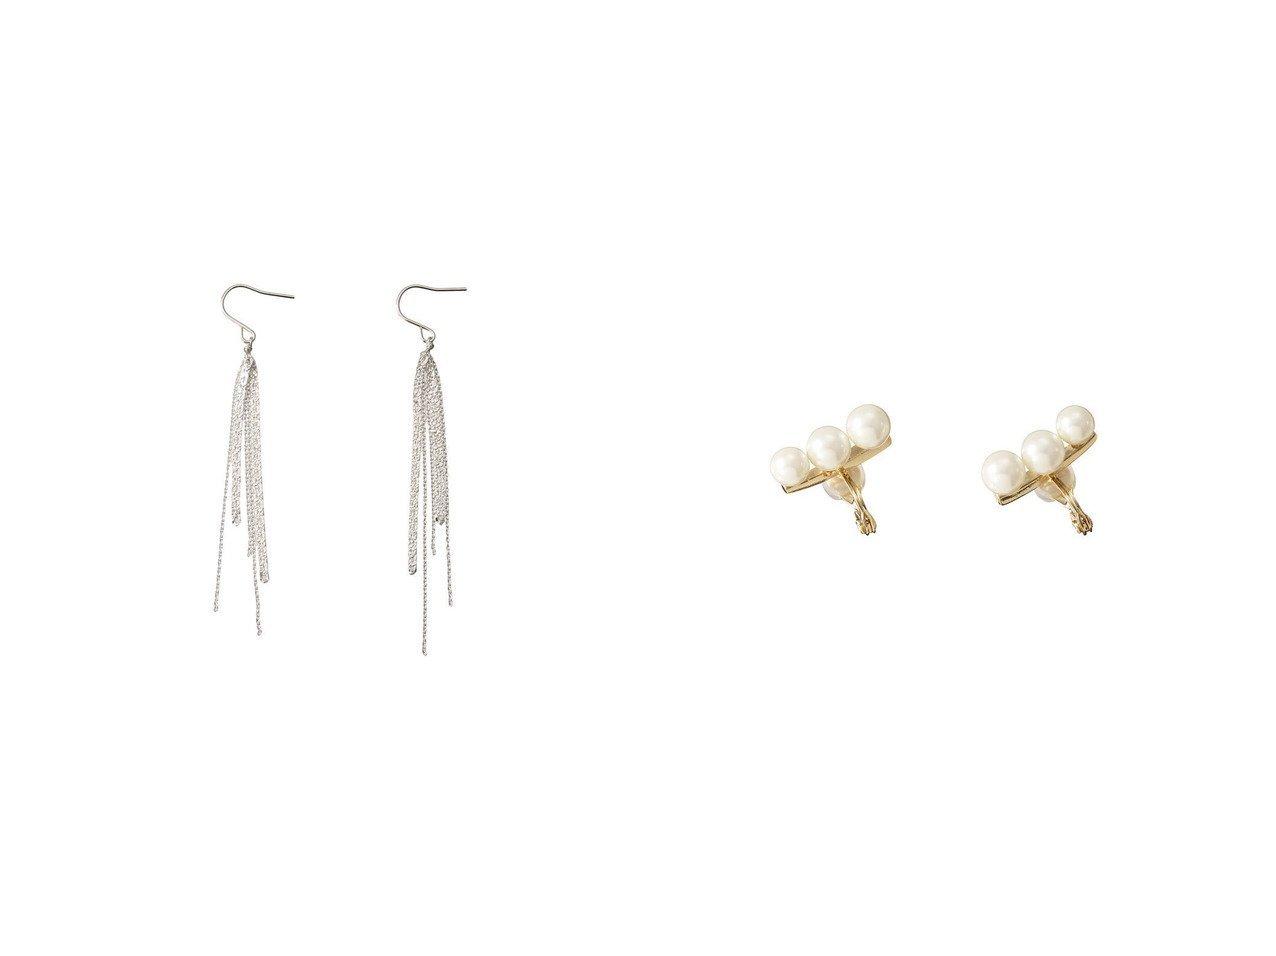 【ANAYI/アナイ】のパールバーツキイヤークリップ&【martinique/マルティニーク】の【sumikaneko】ピアス アクセサリー・ジュエリーおすすめ!人気トレンド・レディースファッションの通販  おすすめで人気のファッション通販商品 インテリア・家具・キッズファッション・メンズファッション・レディースファッション・服の通販 founy(ファニー) https://founy.com/ ファッション Fashion レディースファッション WOMEN アウター Coat Outerwear ジャケット Jackets ブルゾン Blouson Jackets オケージョン シルバー チェーン パーティ イヤリング ジャケット バランス パール ブルゾン リュクス |ID:crp329100000008209